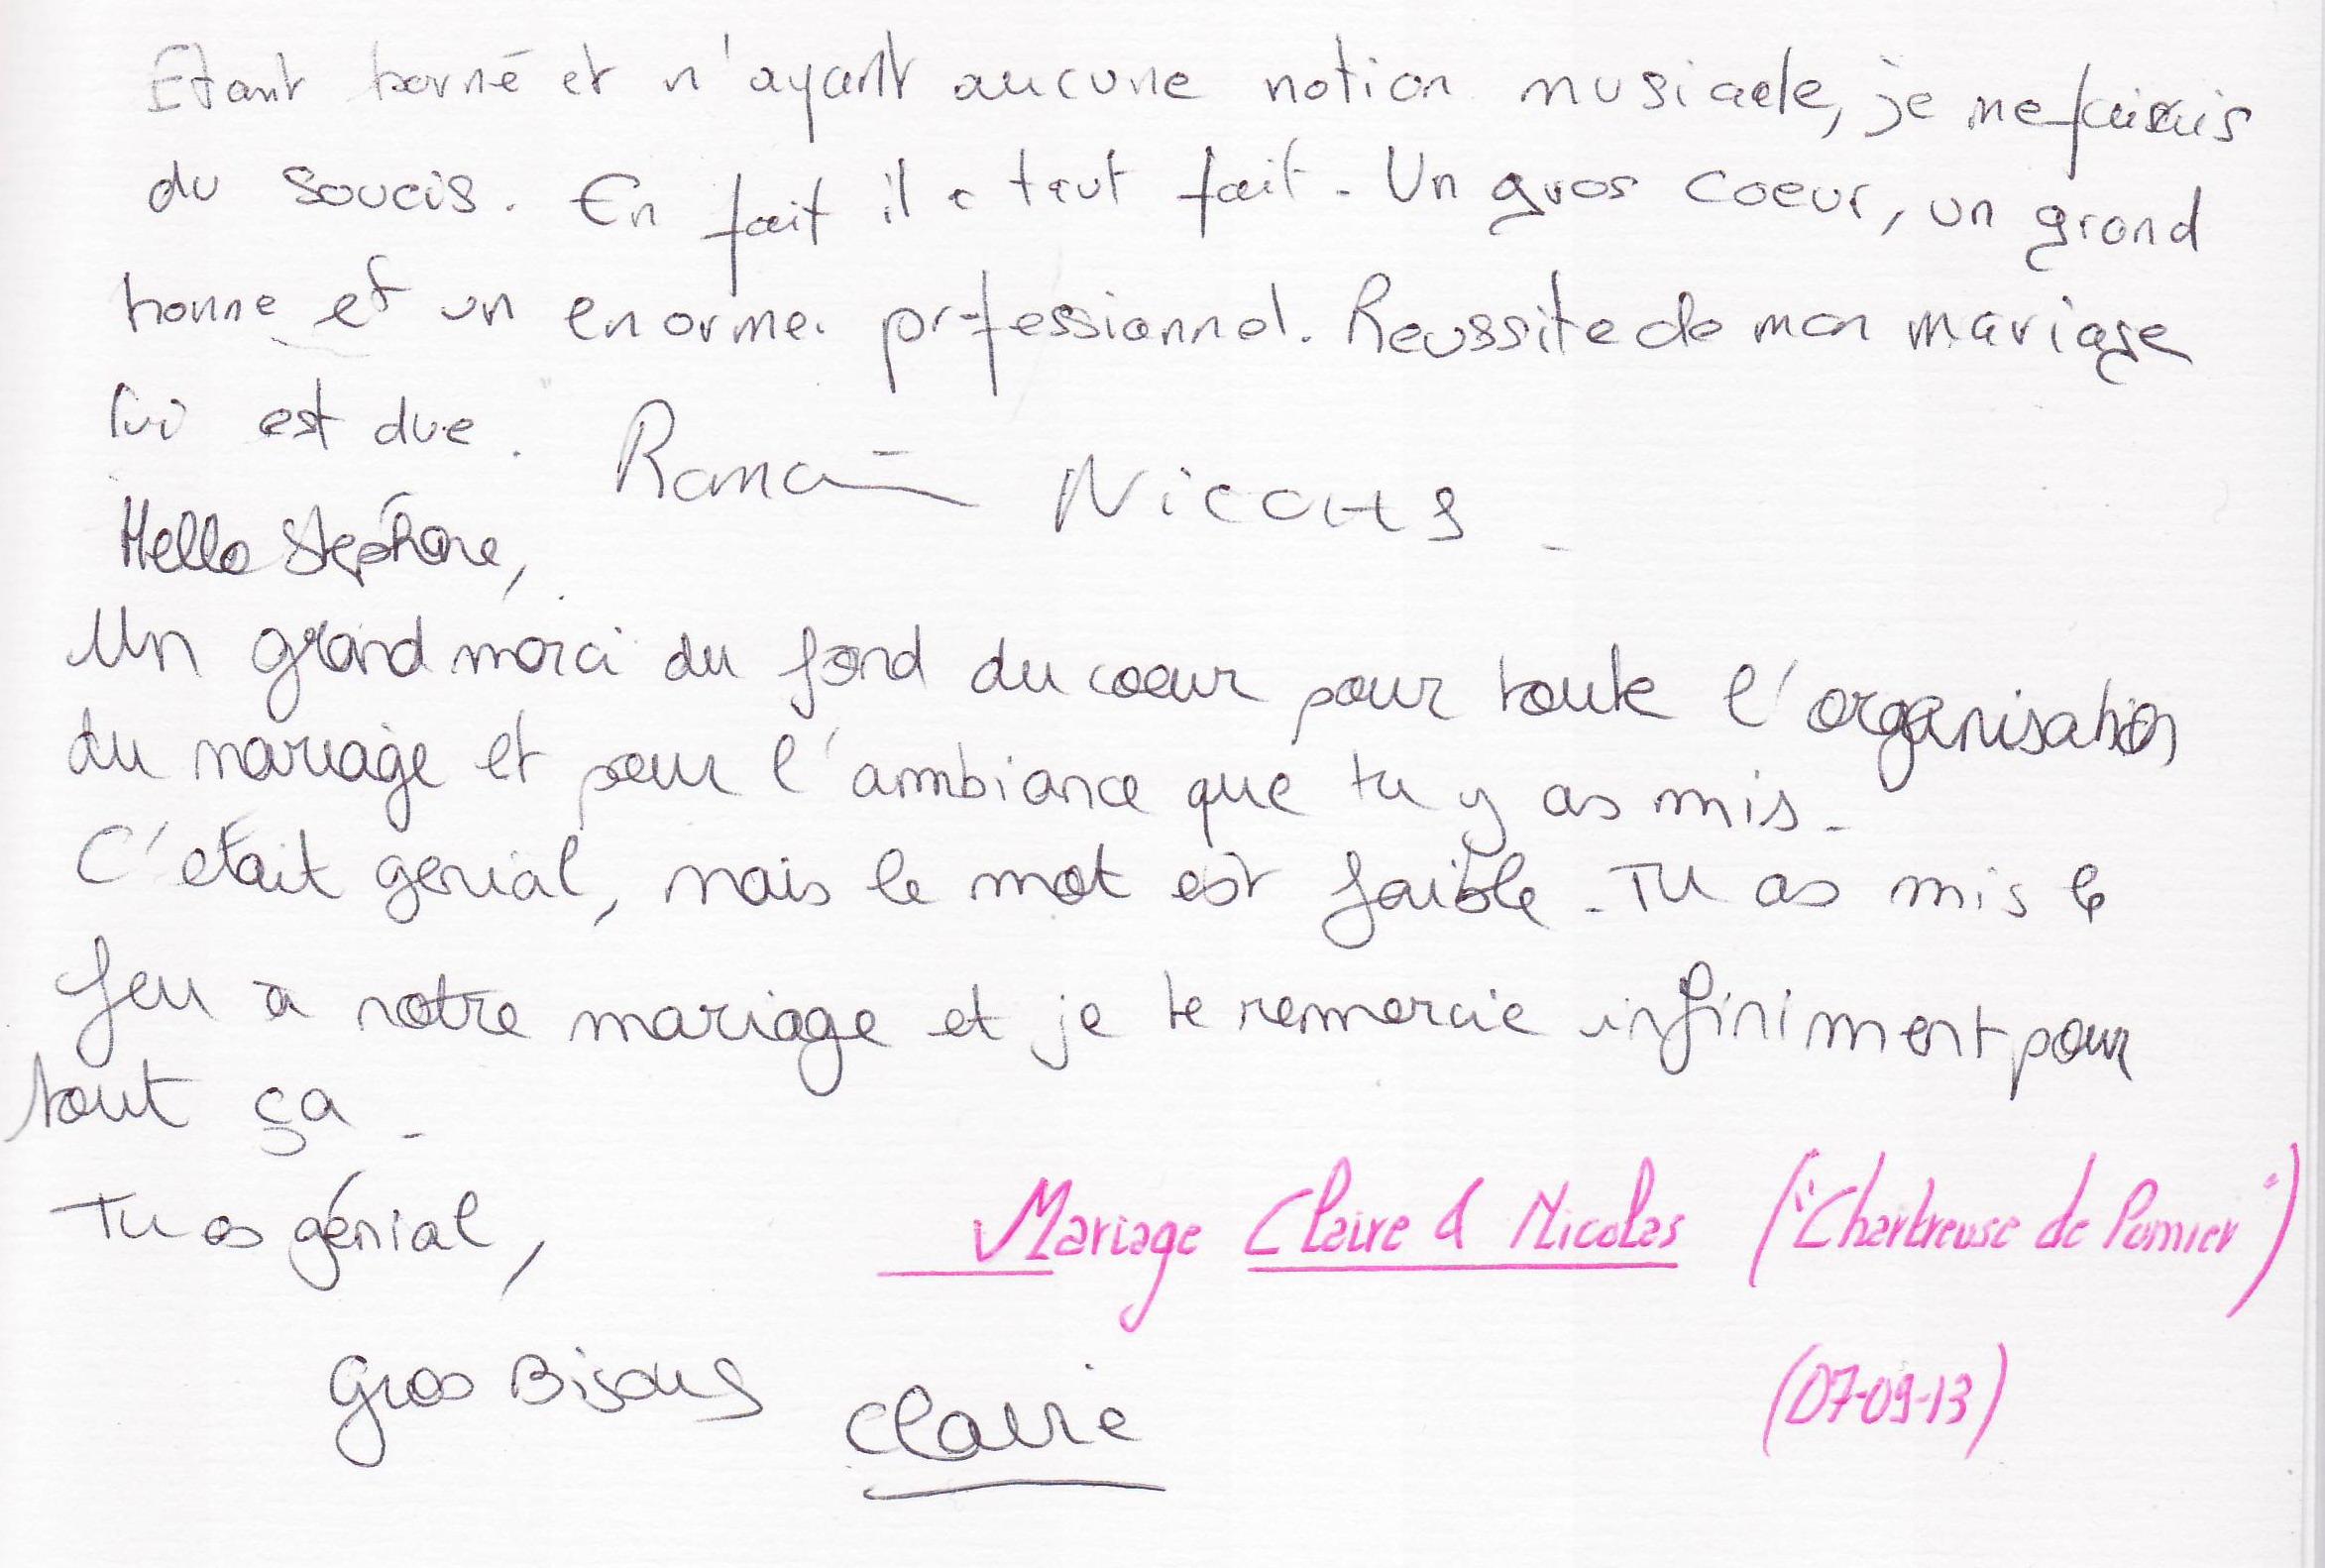 Mariage NICOLAS Romain & Claire (Chartreuse de Pomier) (07-09-2013)